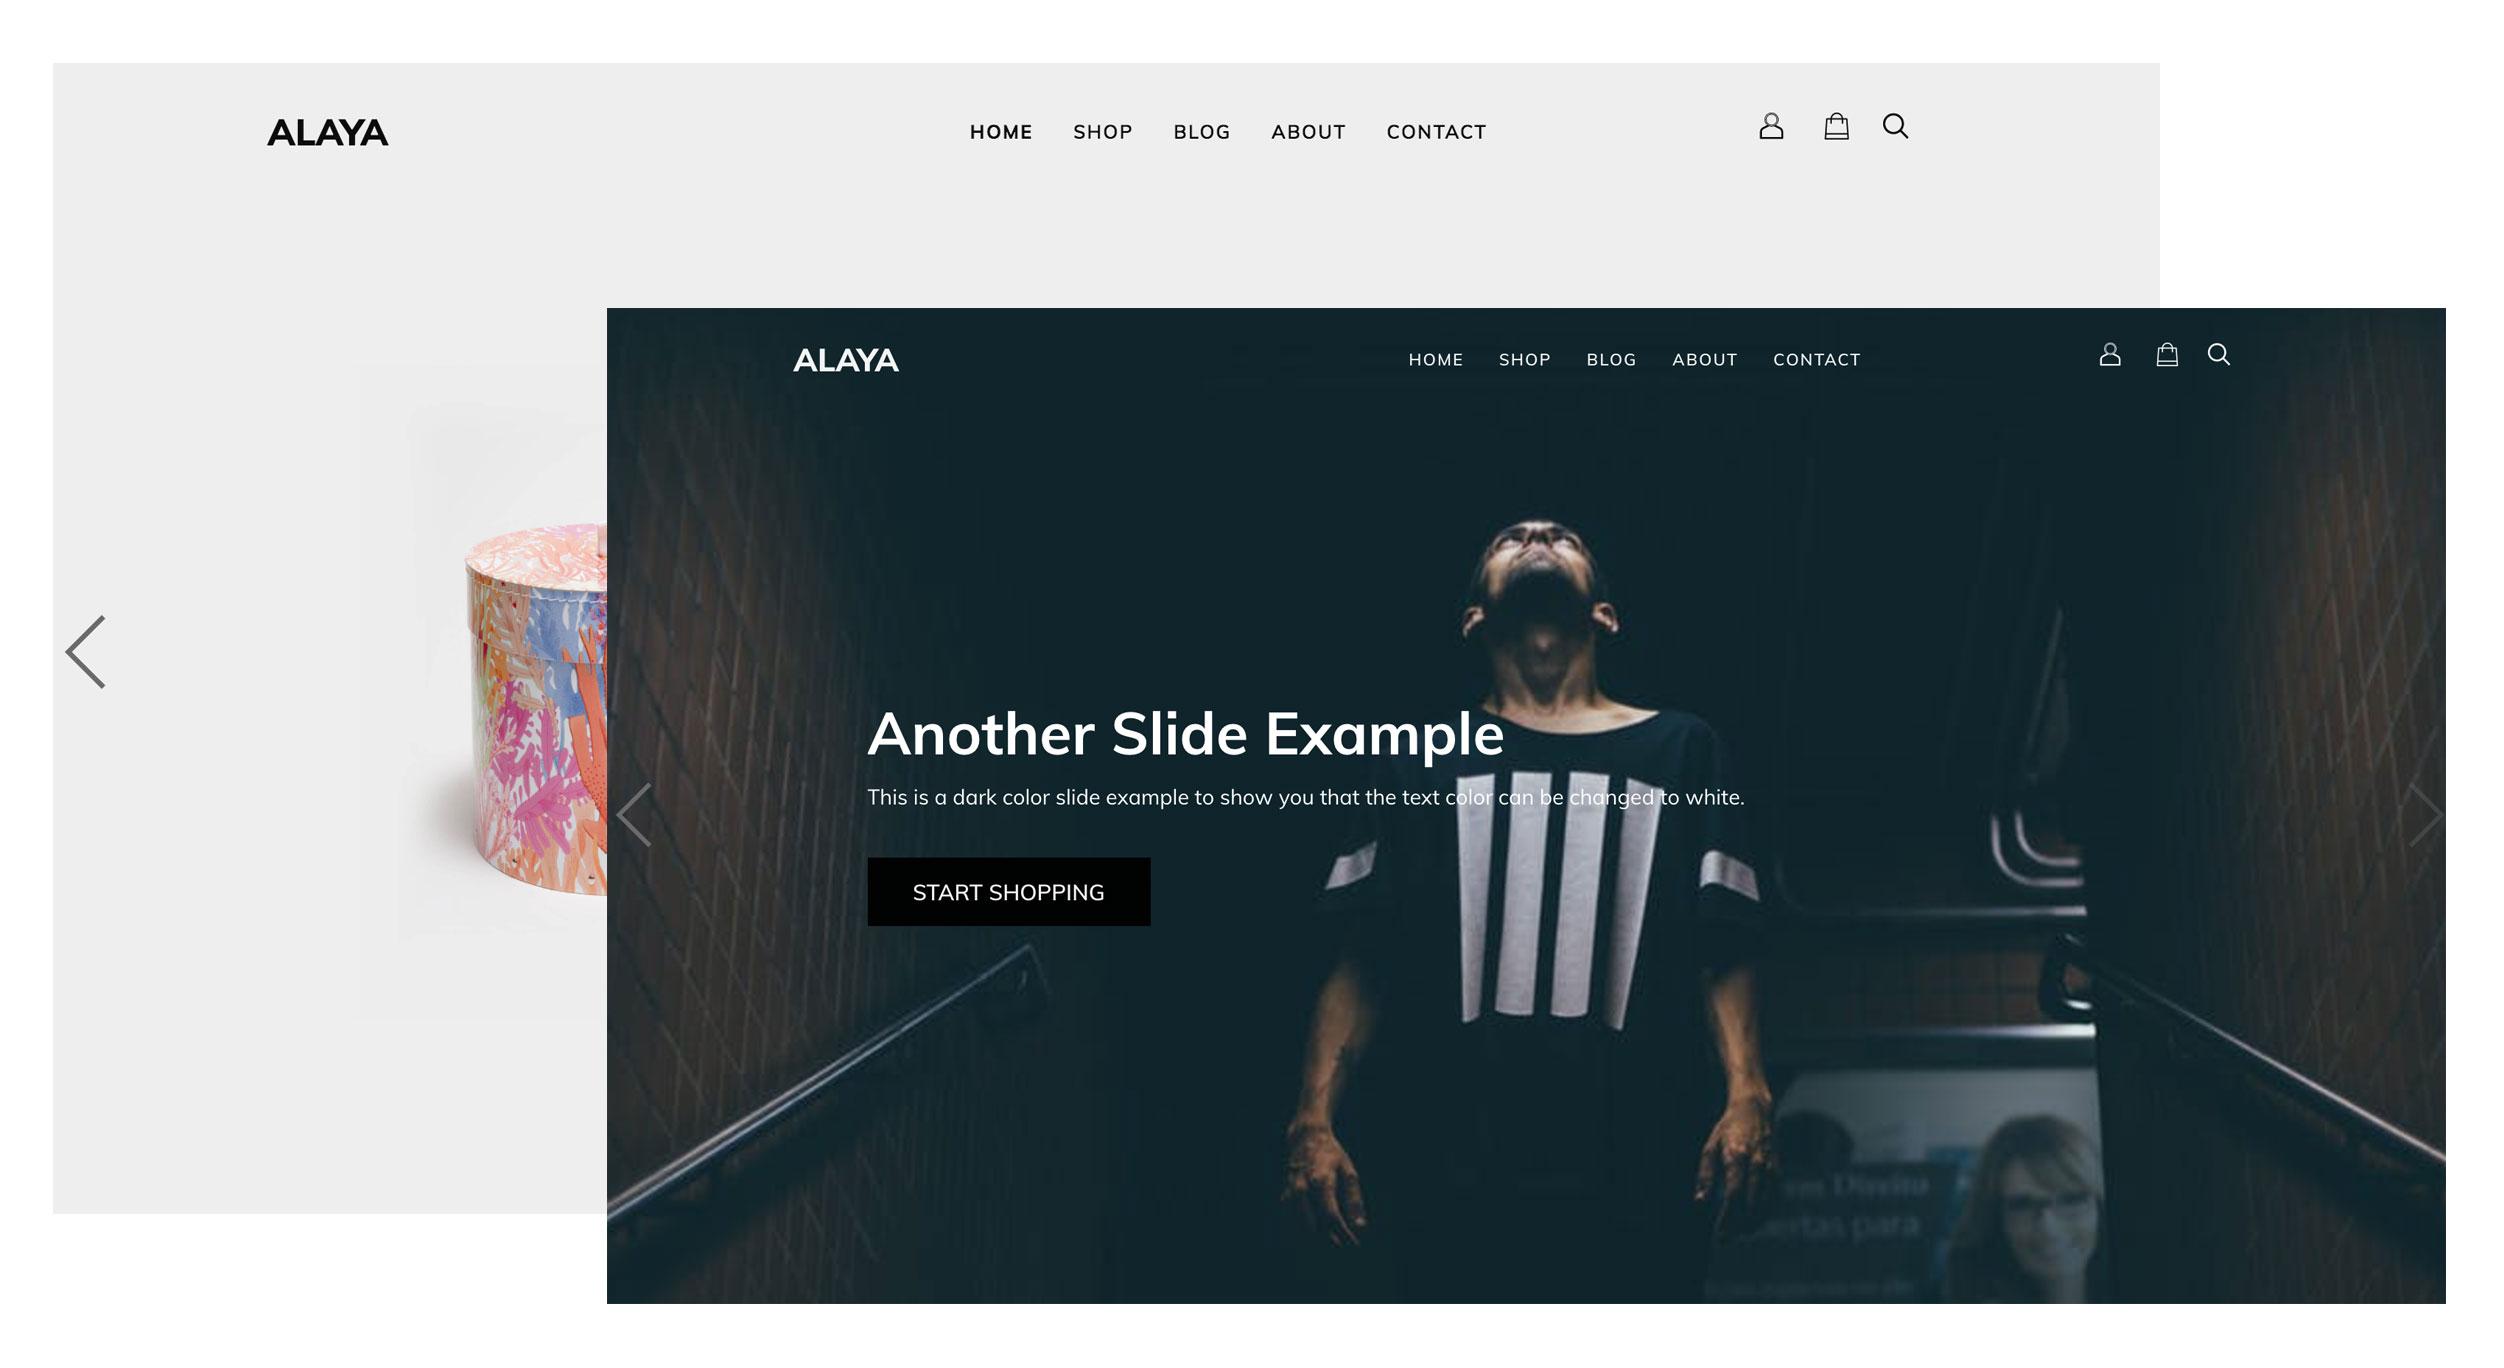 alaya-slider-3fPGu.jpg